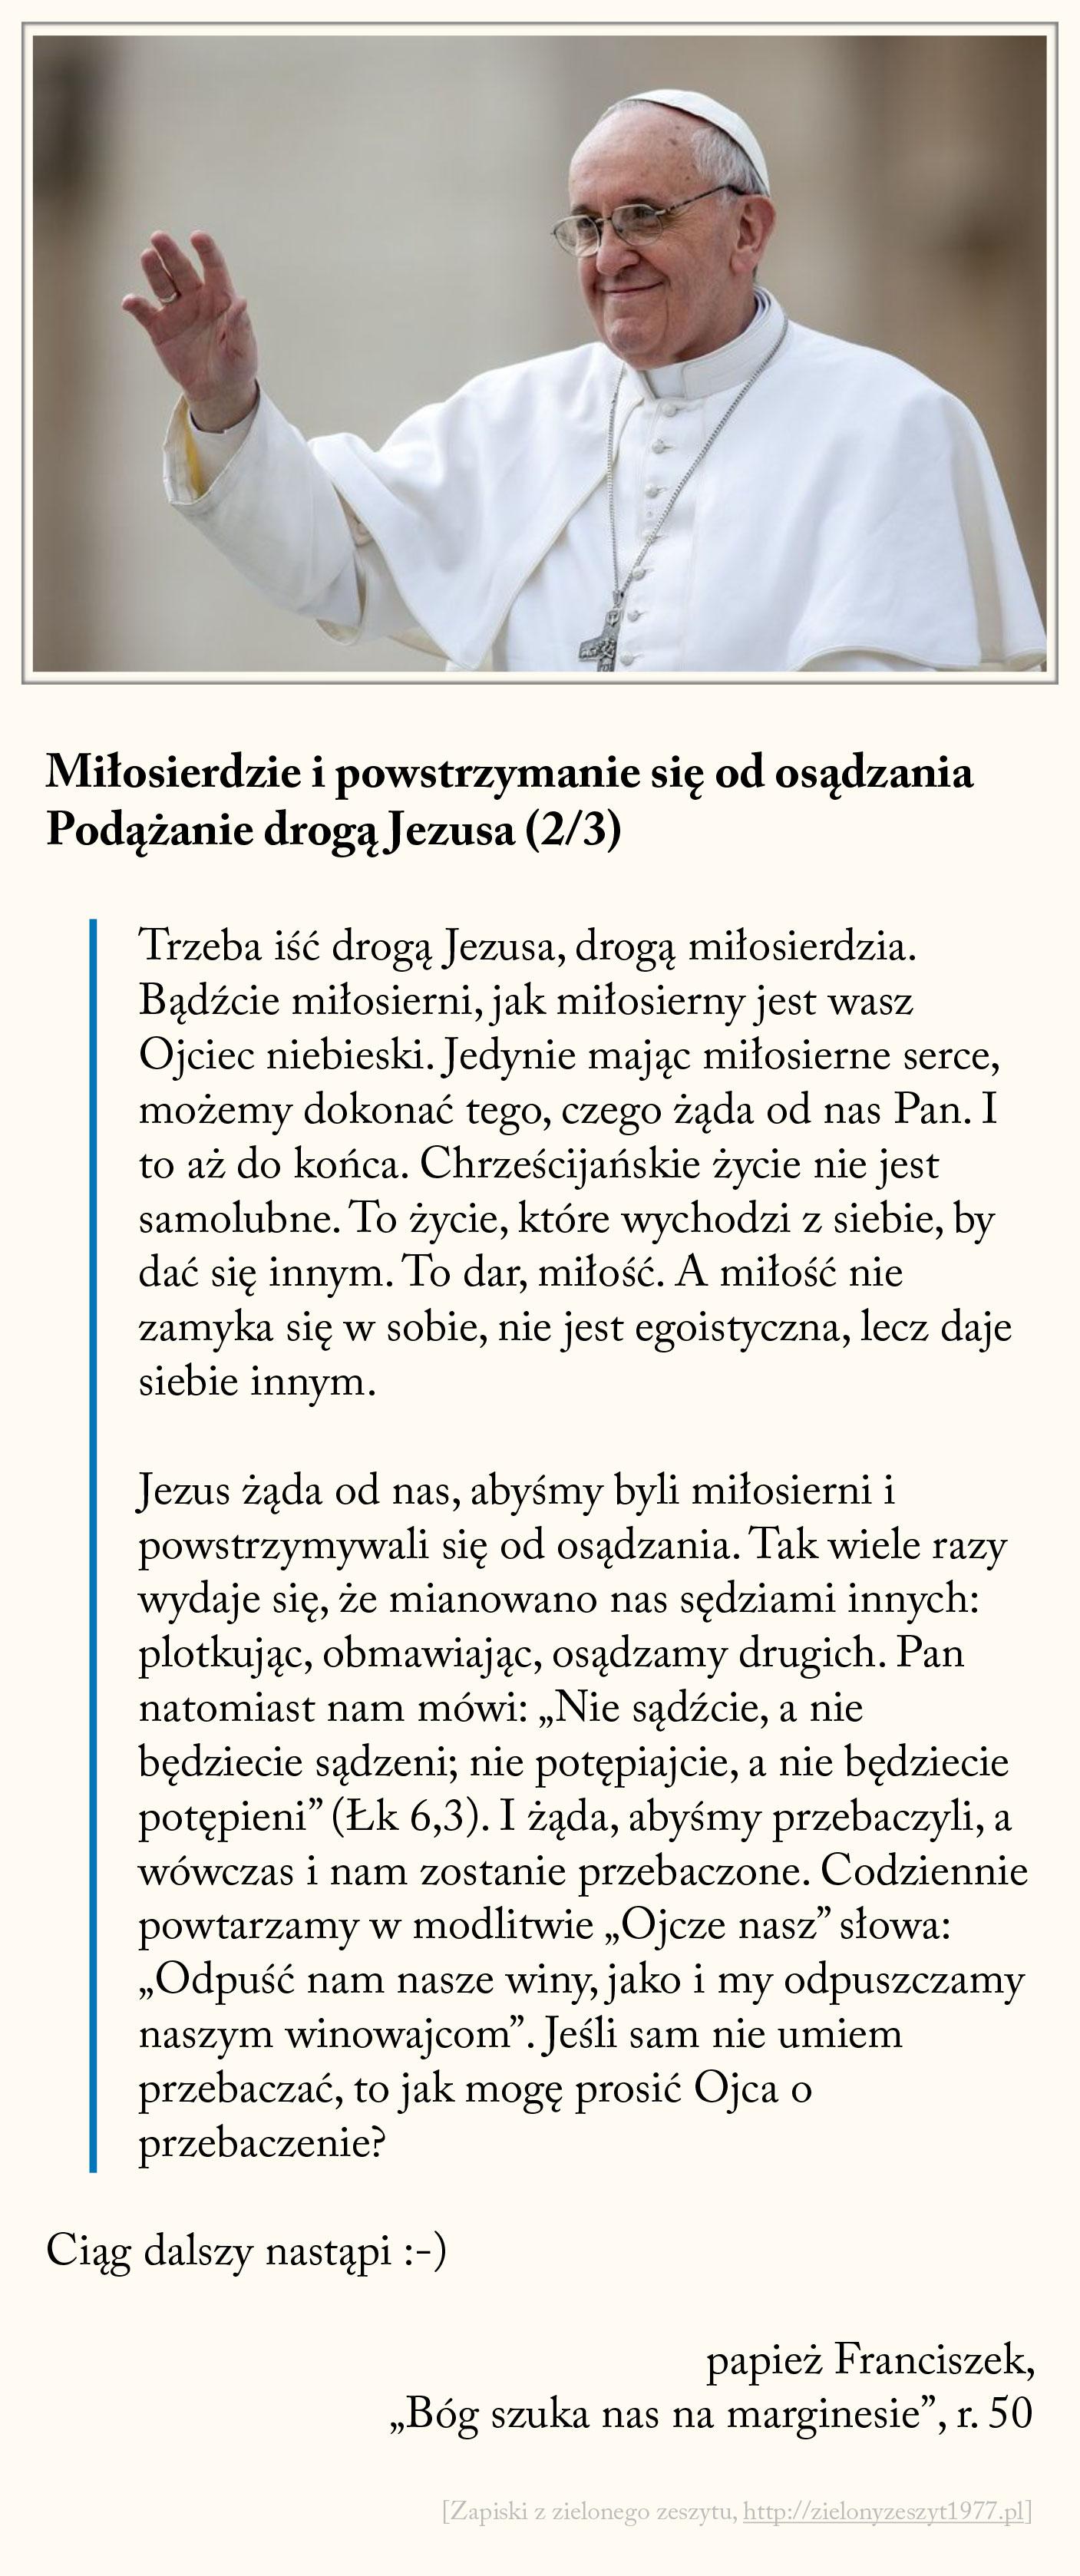 Miłosierdzie i powstrzymanie się od osądzania, Podążanie drogą Jezusa (2/3), papież Franciszek